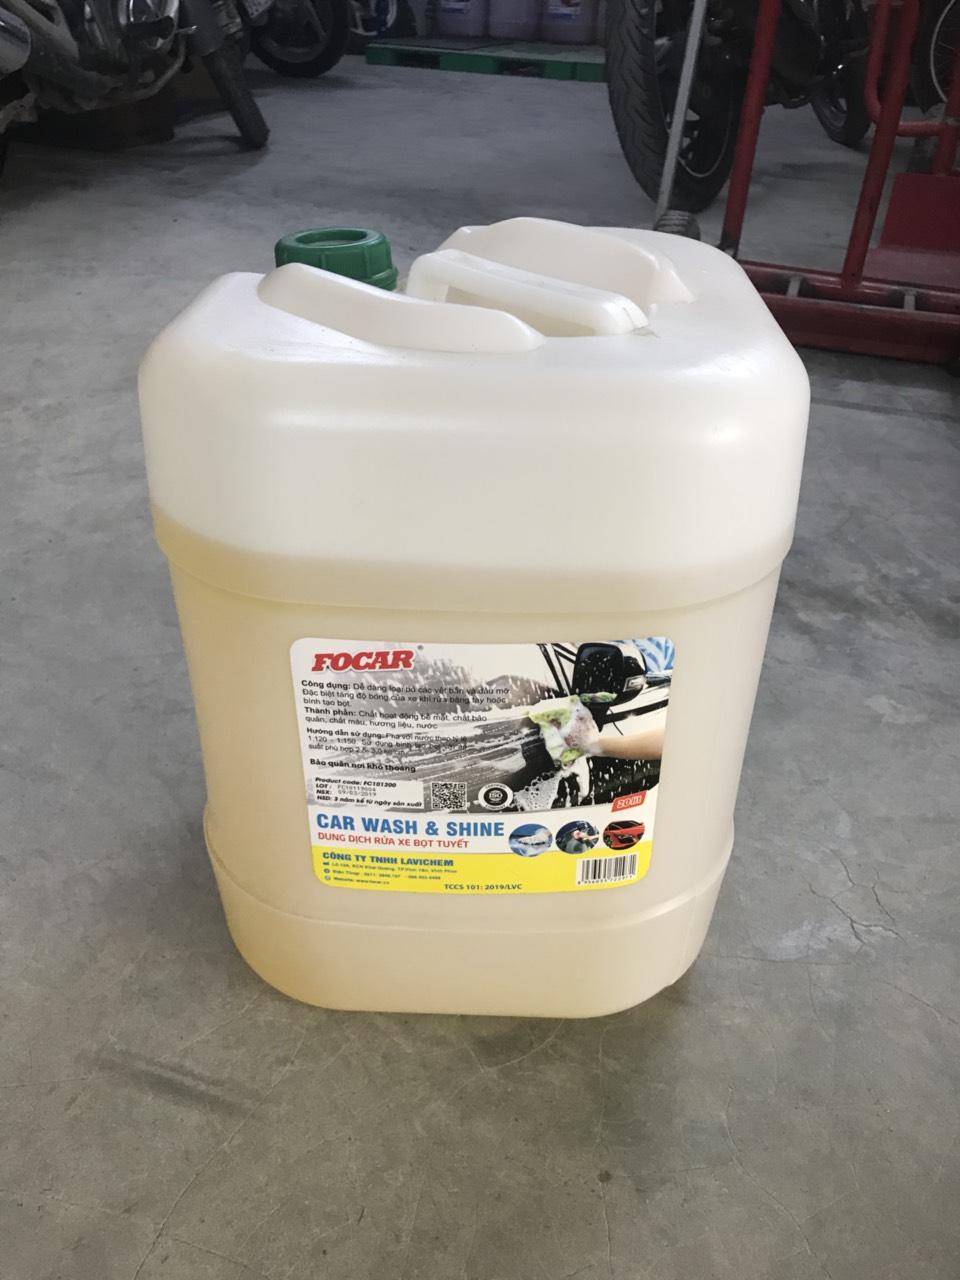 Dung dịch rửa xe bọt tuyết dưỡng bóng vỏ sơn FOCAR Car Wash & Shine đậm đặc 1:120 - Can 20L